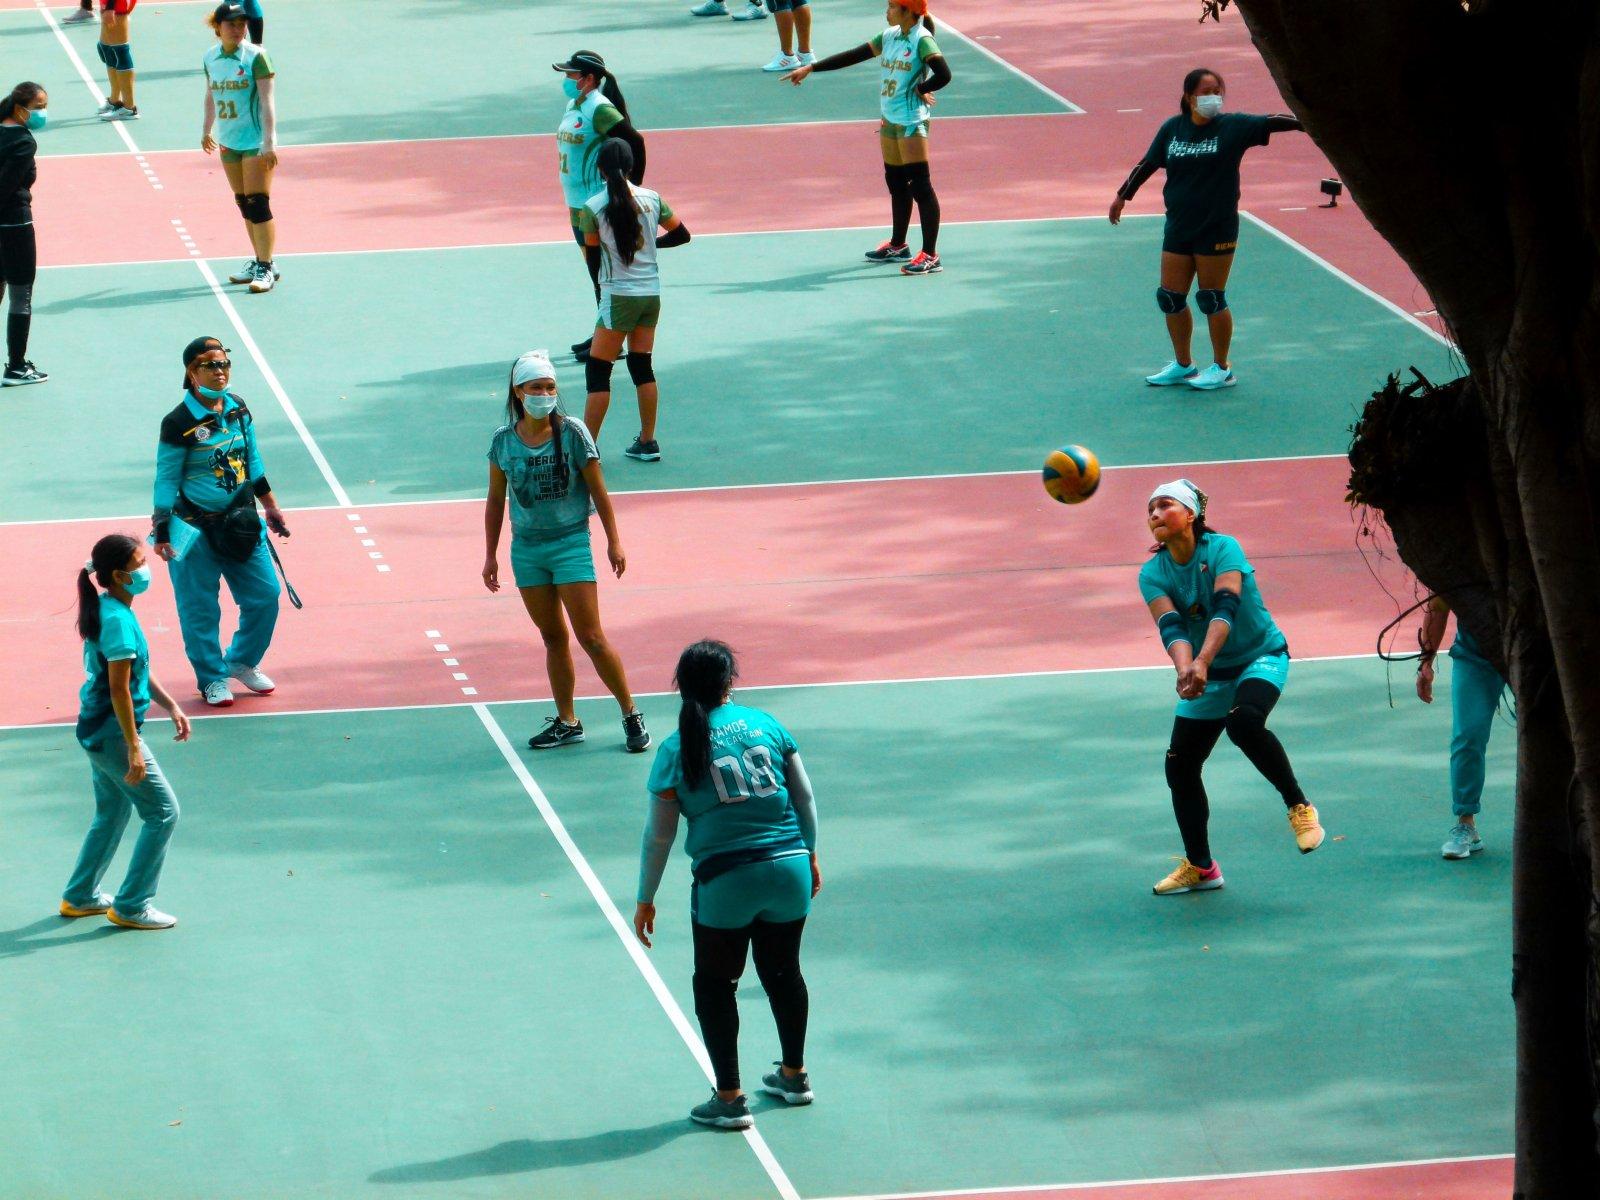 11月15日,外傭在旺角花墟大球場打排球比賽。(中新社)